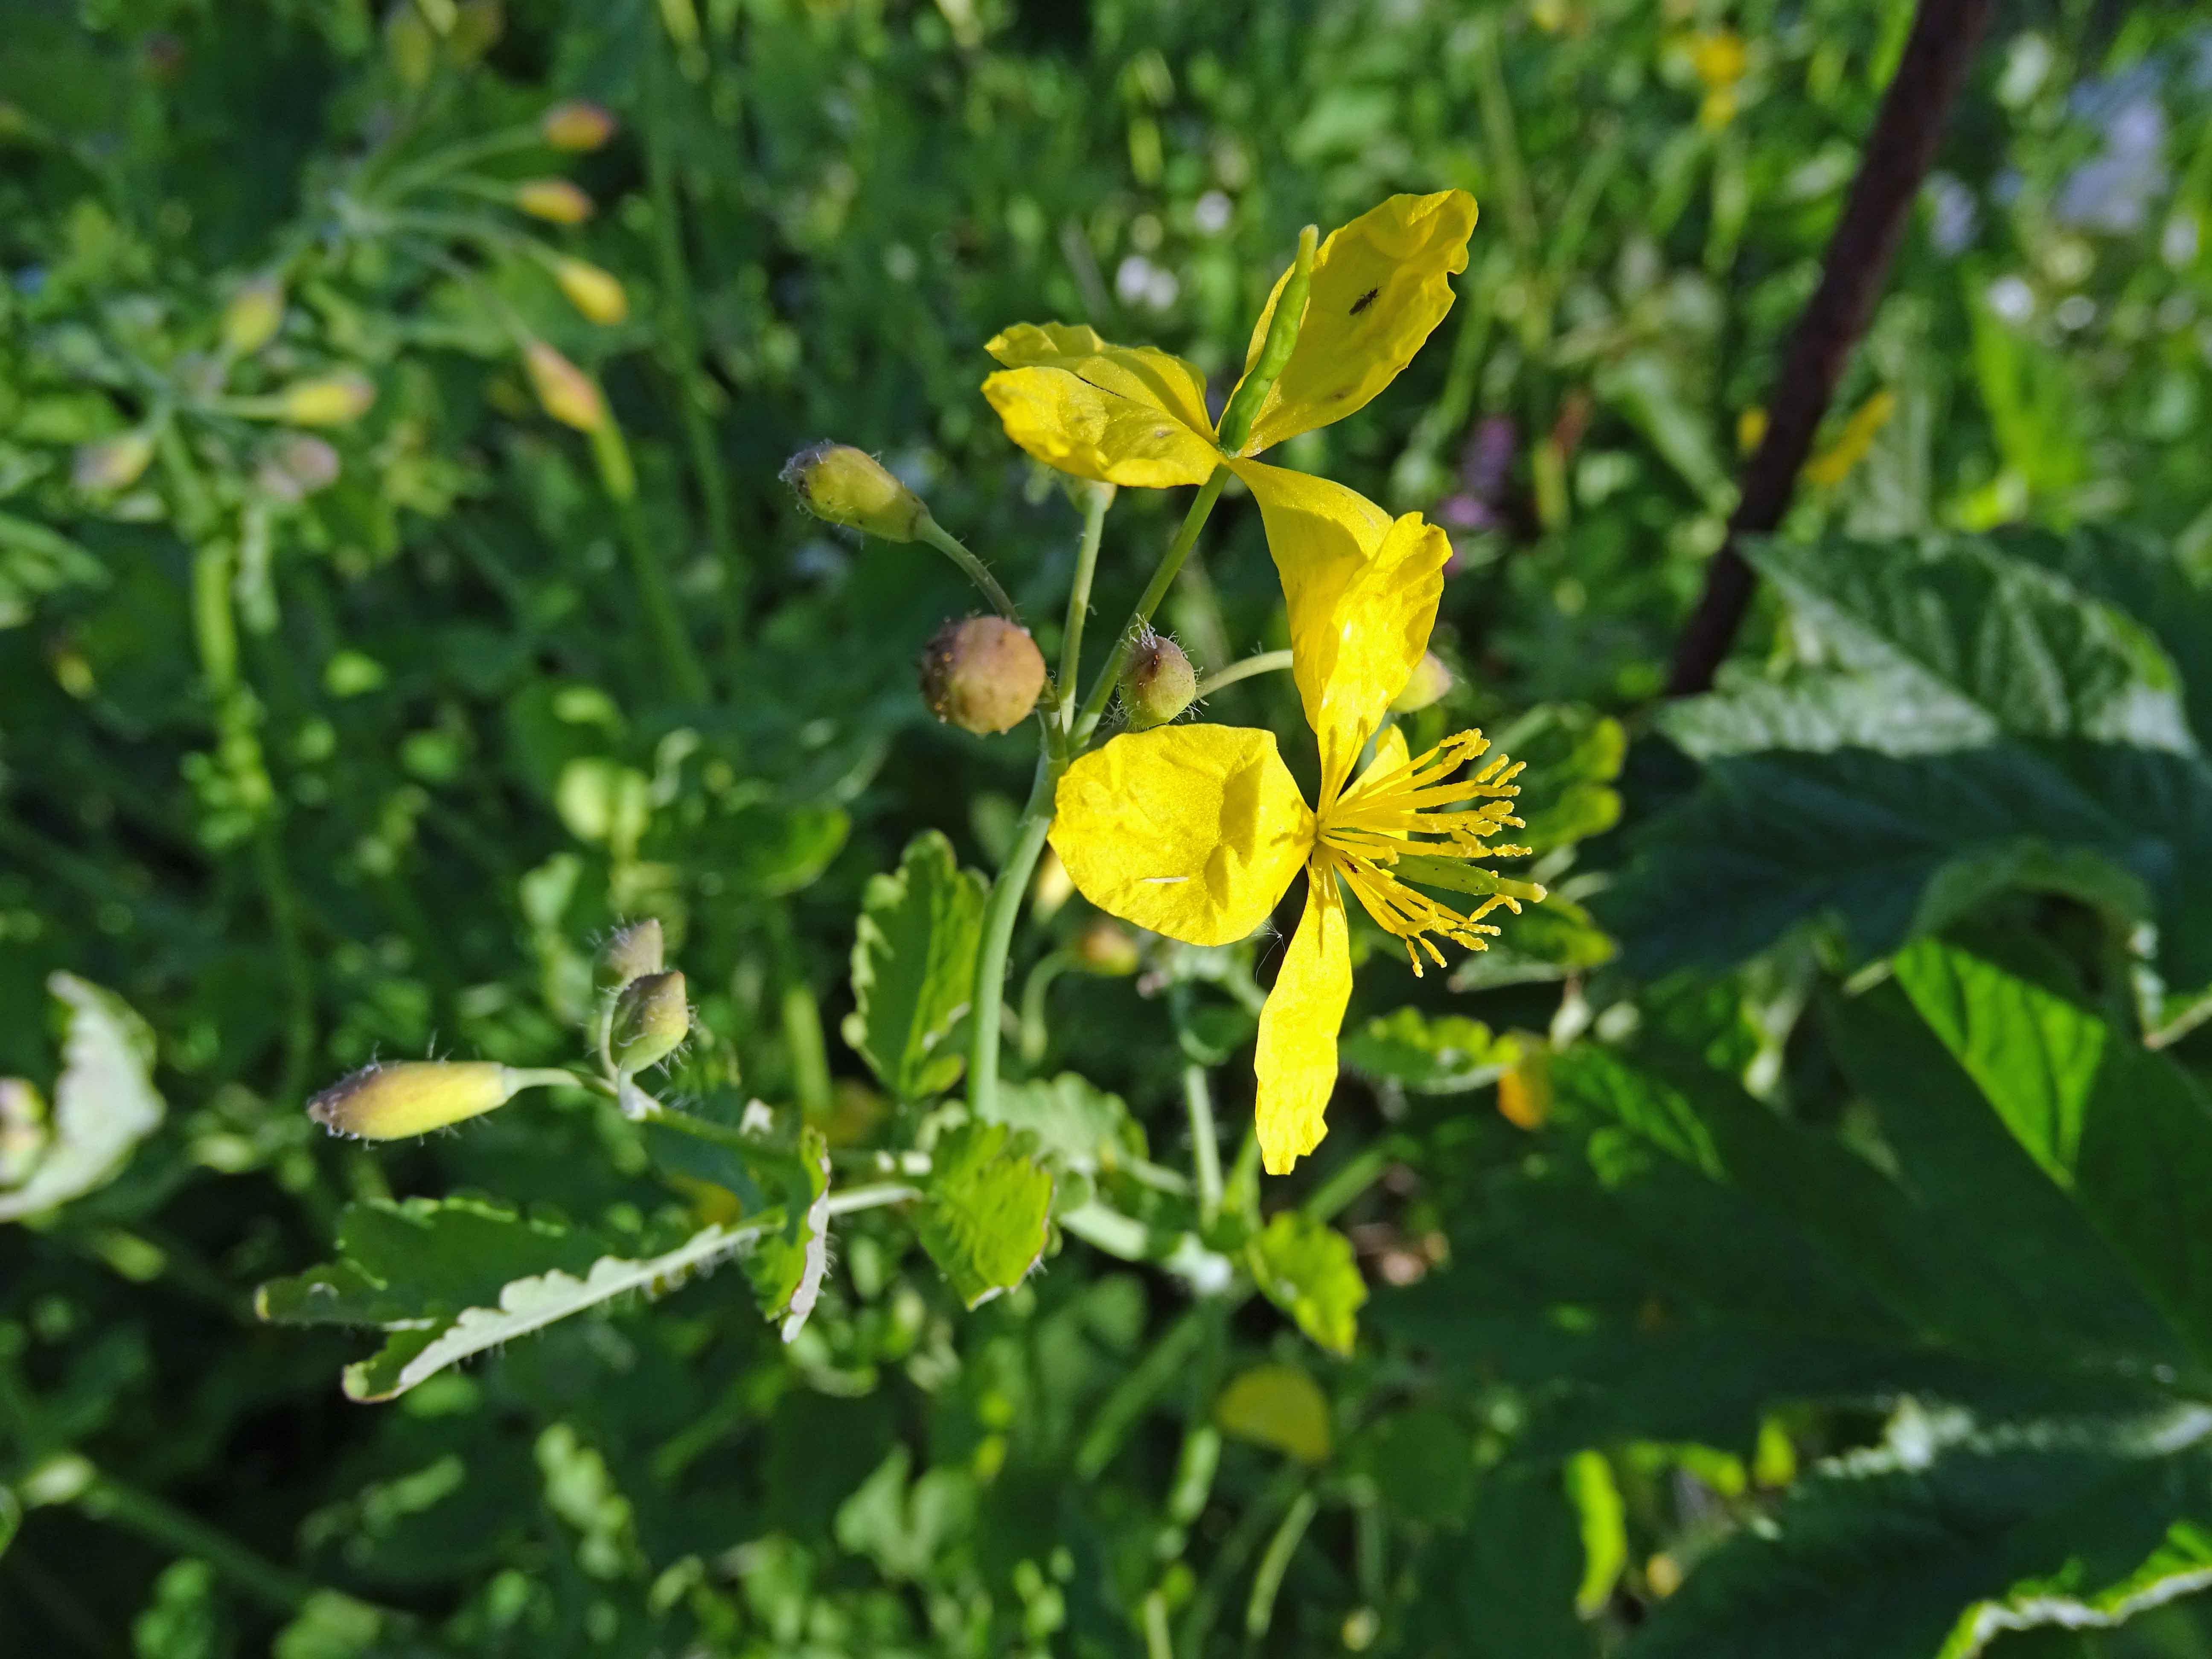 Fleur à 4 pétales jaunes